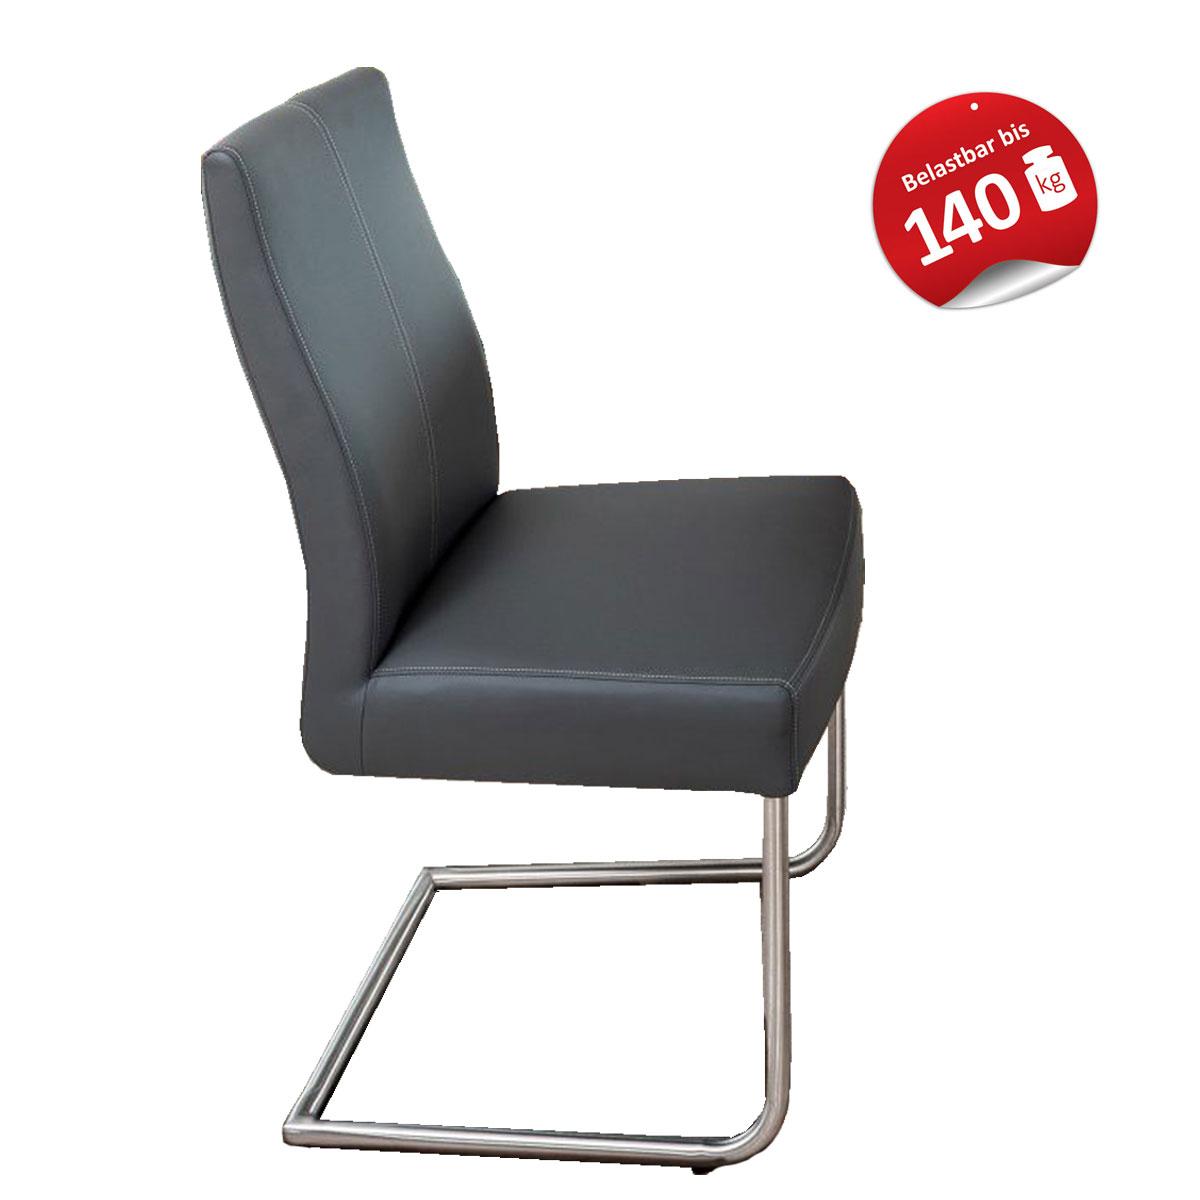 Standard Furniture Polsterstuhl Gina Bezug KAIMAN grau aus Kunstleder und stabiles Rundrohrgestell Edelstahl Stuhl mit Griffleiste auf der Rückseite